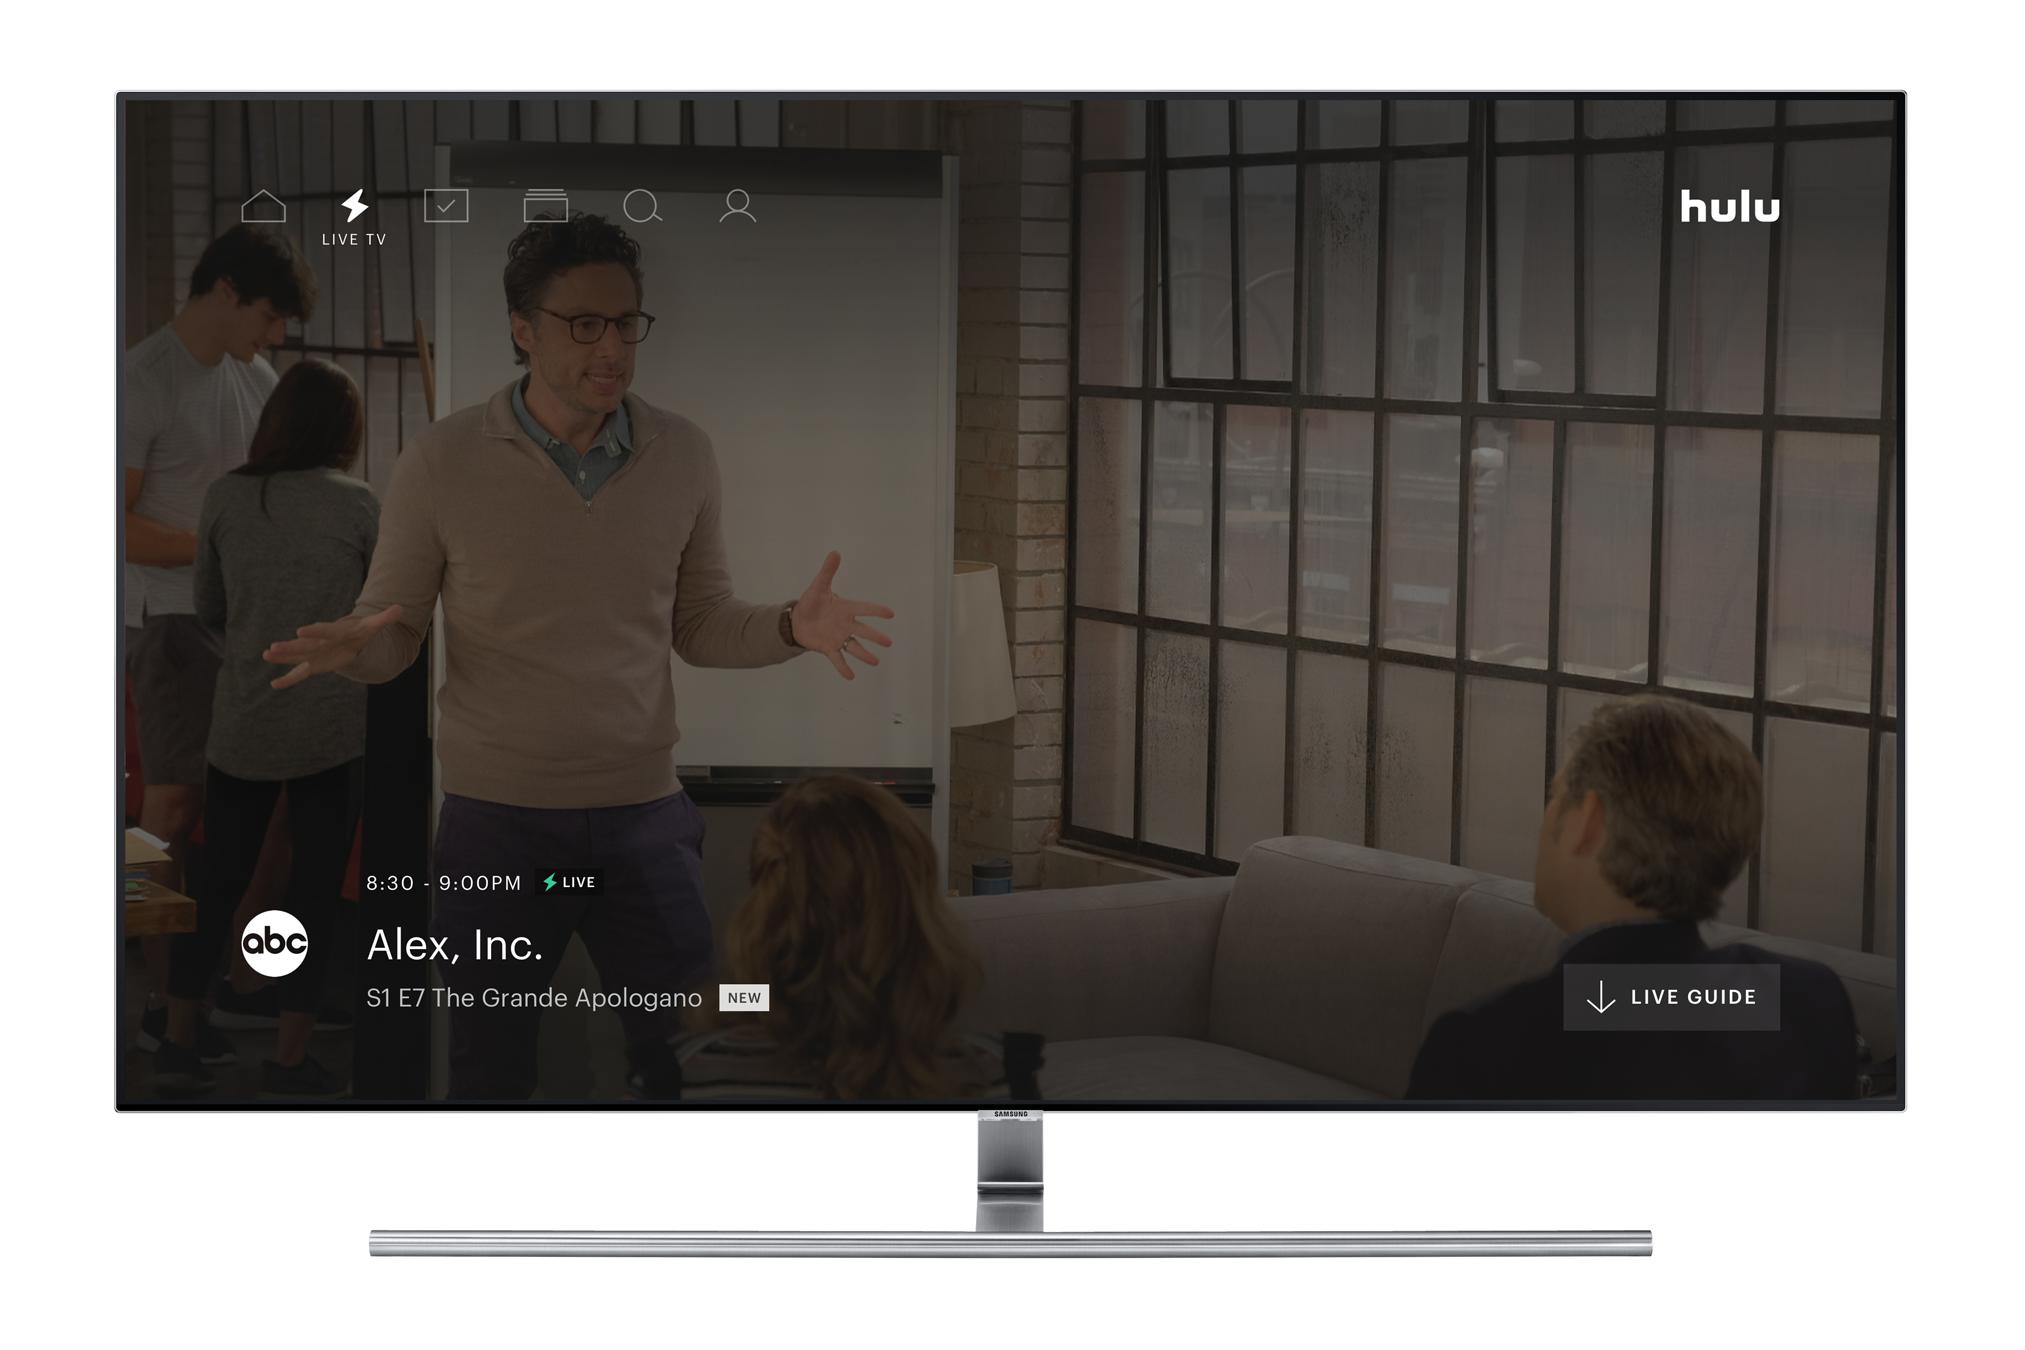 Hulu Live TV on a TV set.